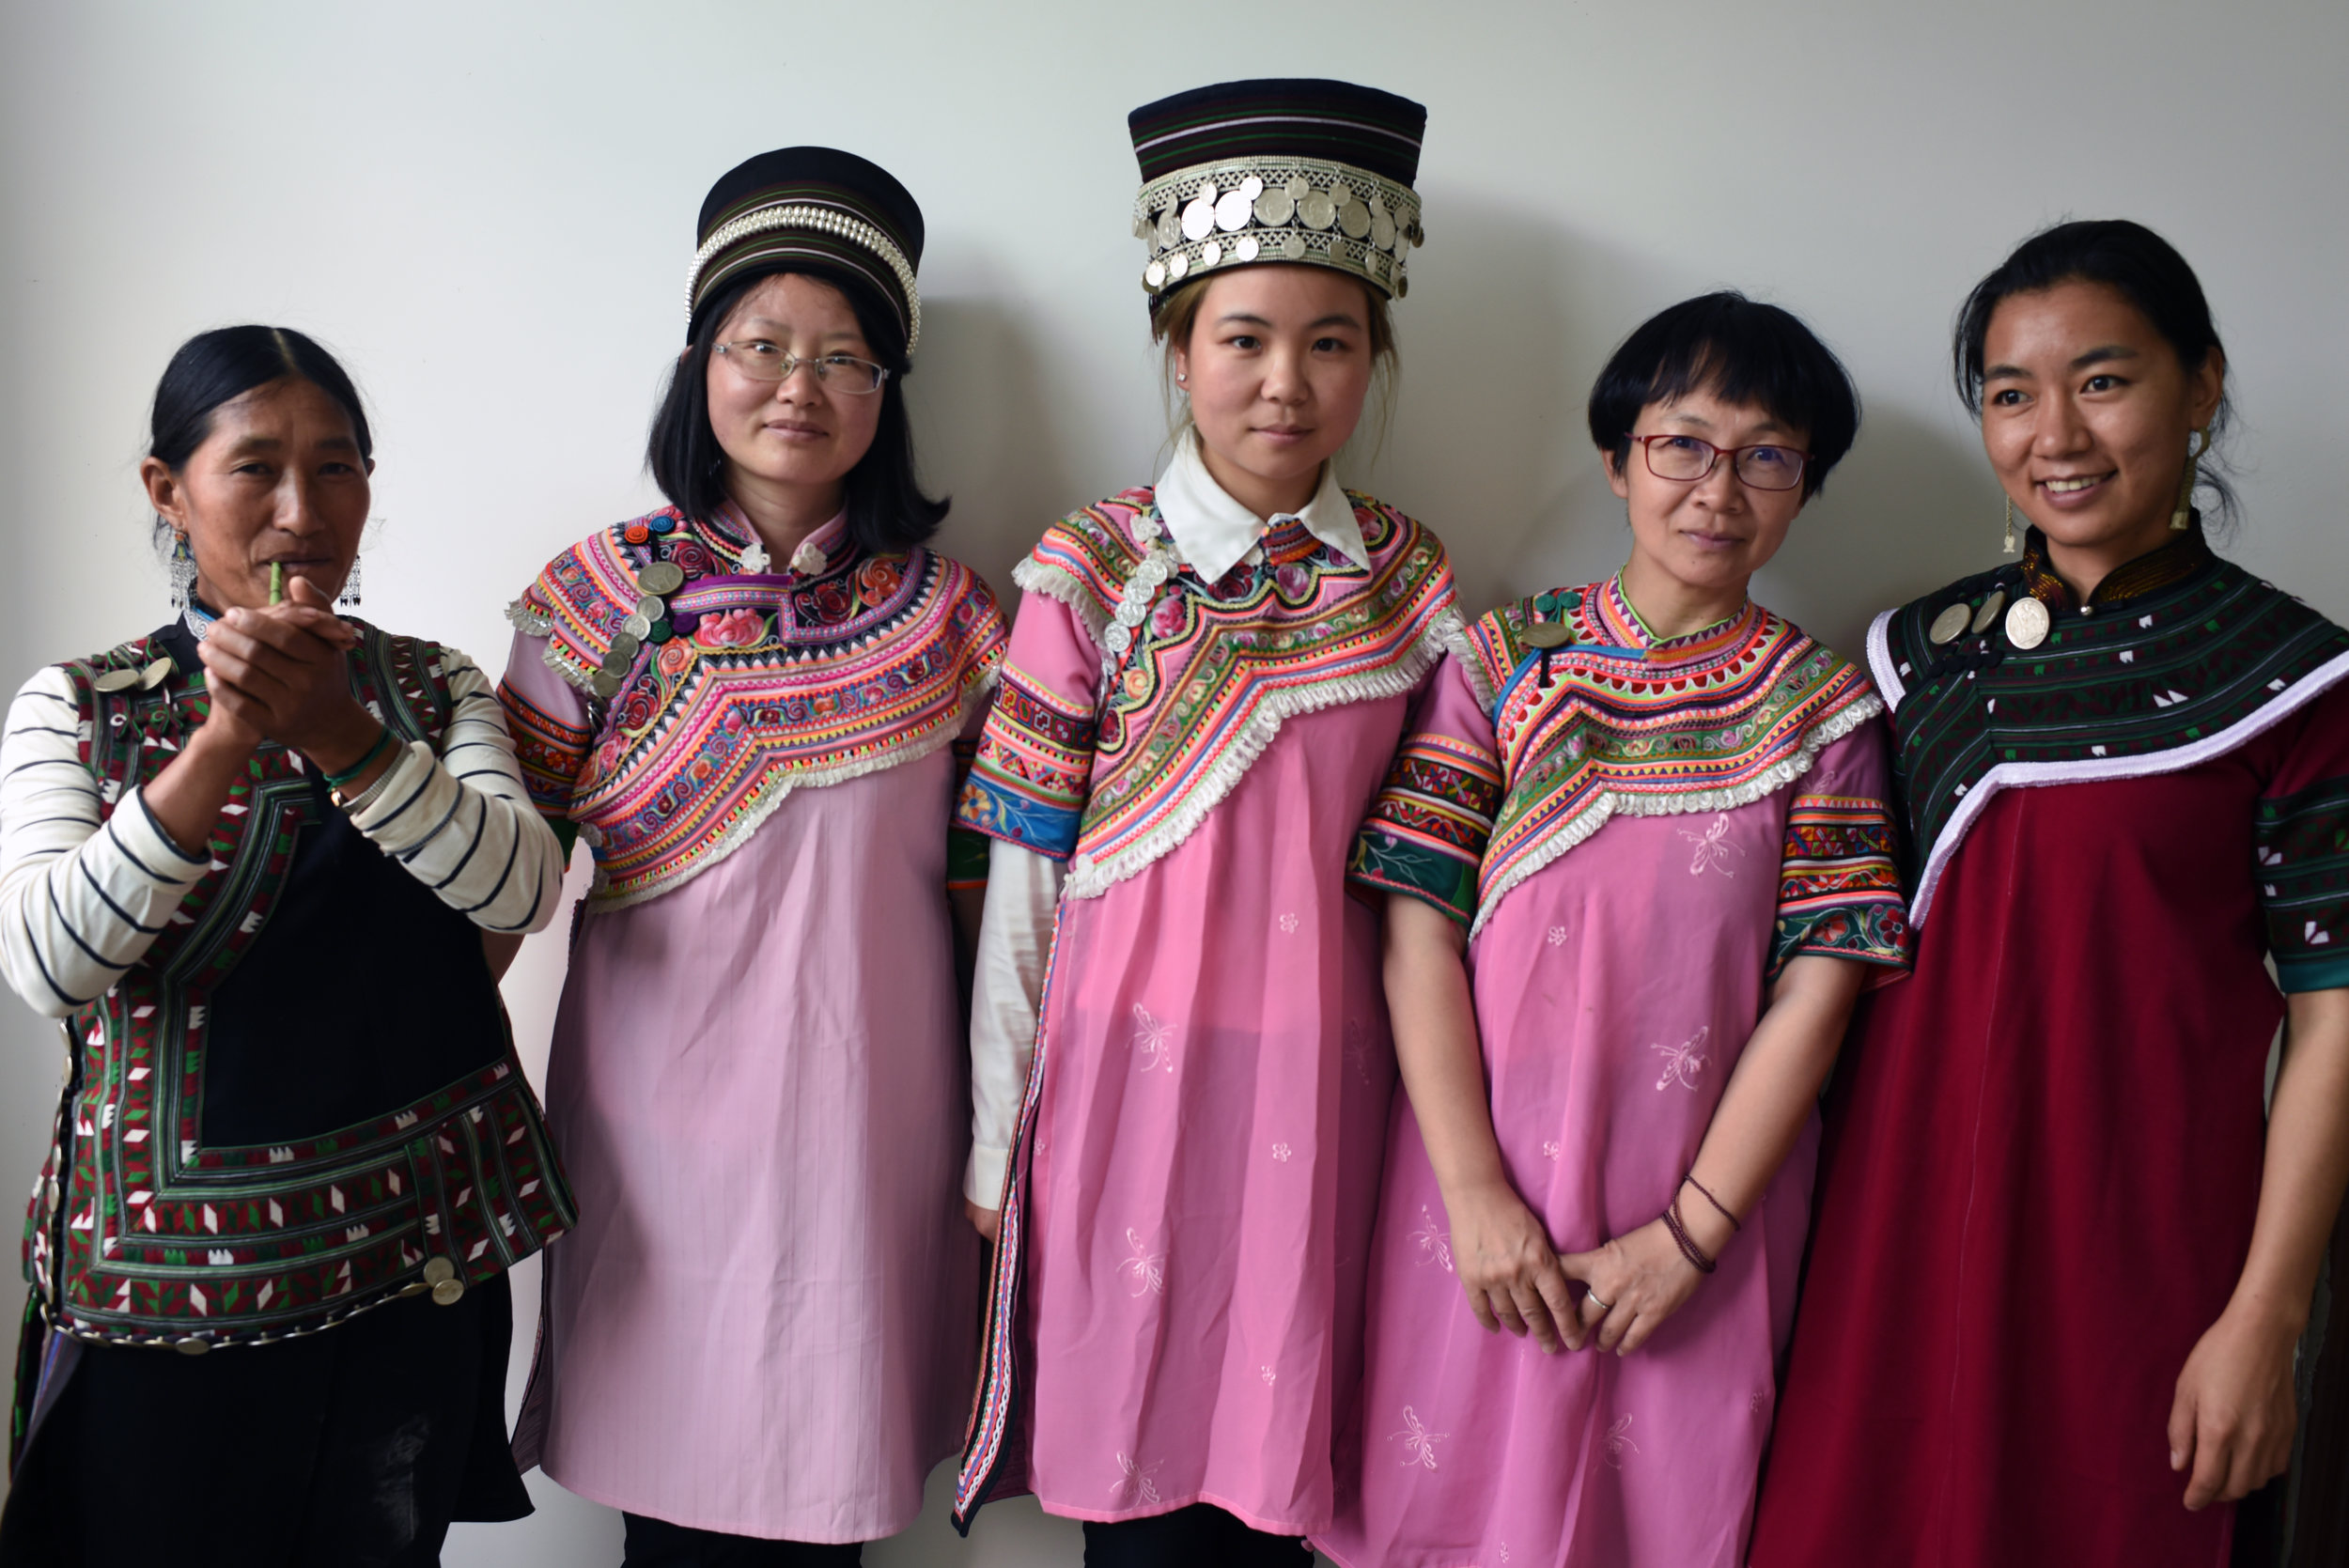 Bia Niasheng, Jenny Li, Liu Fan, Yangping Ruan, and Chen Xia Ling.